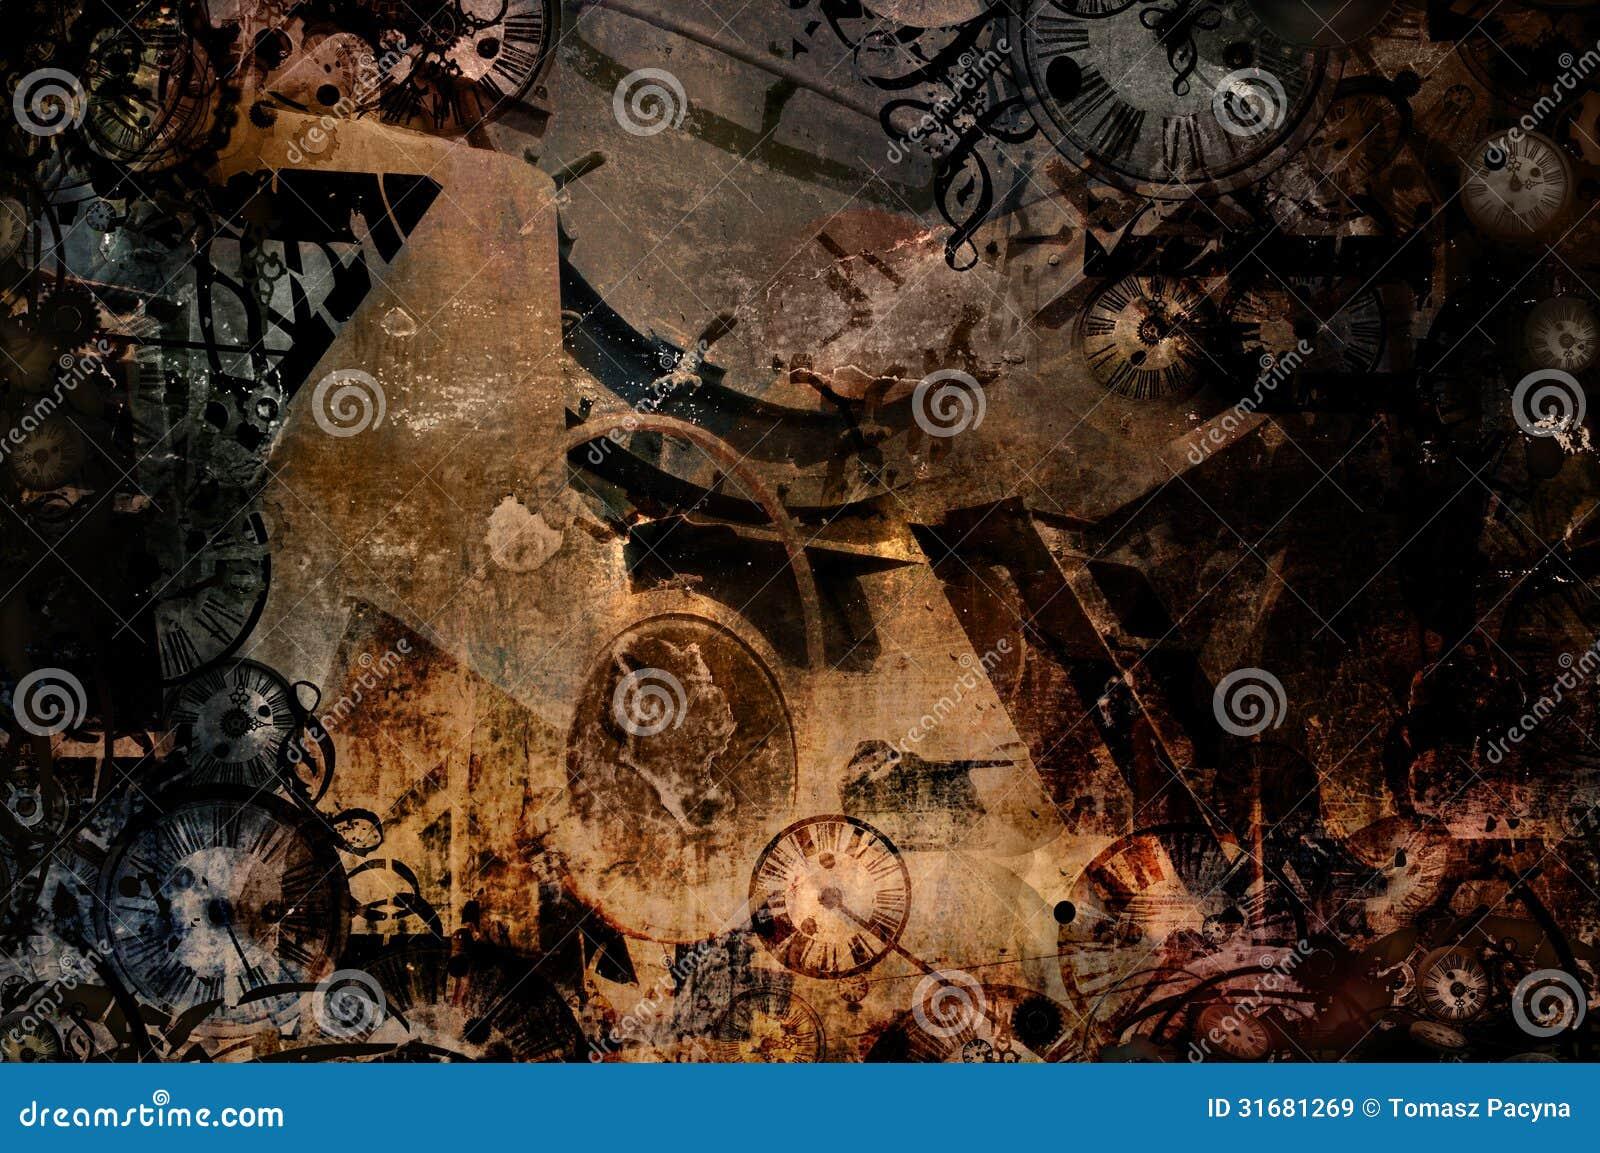 Time machine vintage steampunk background